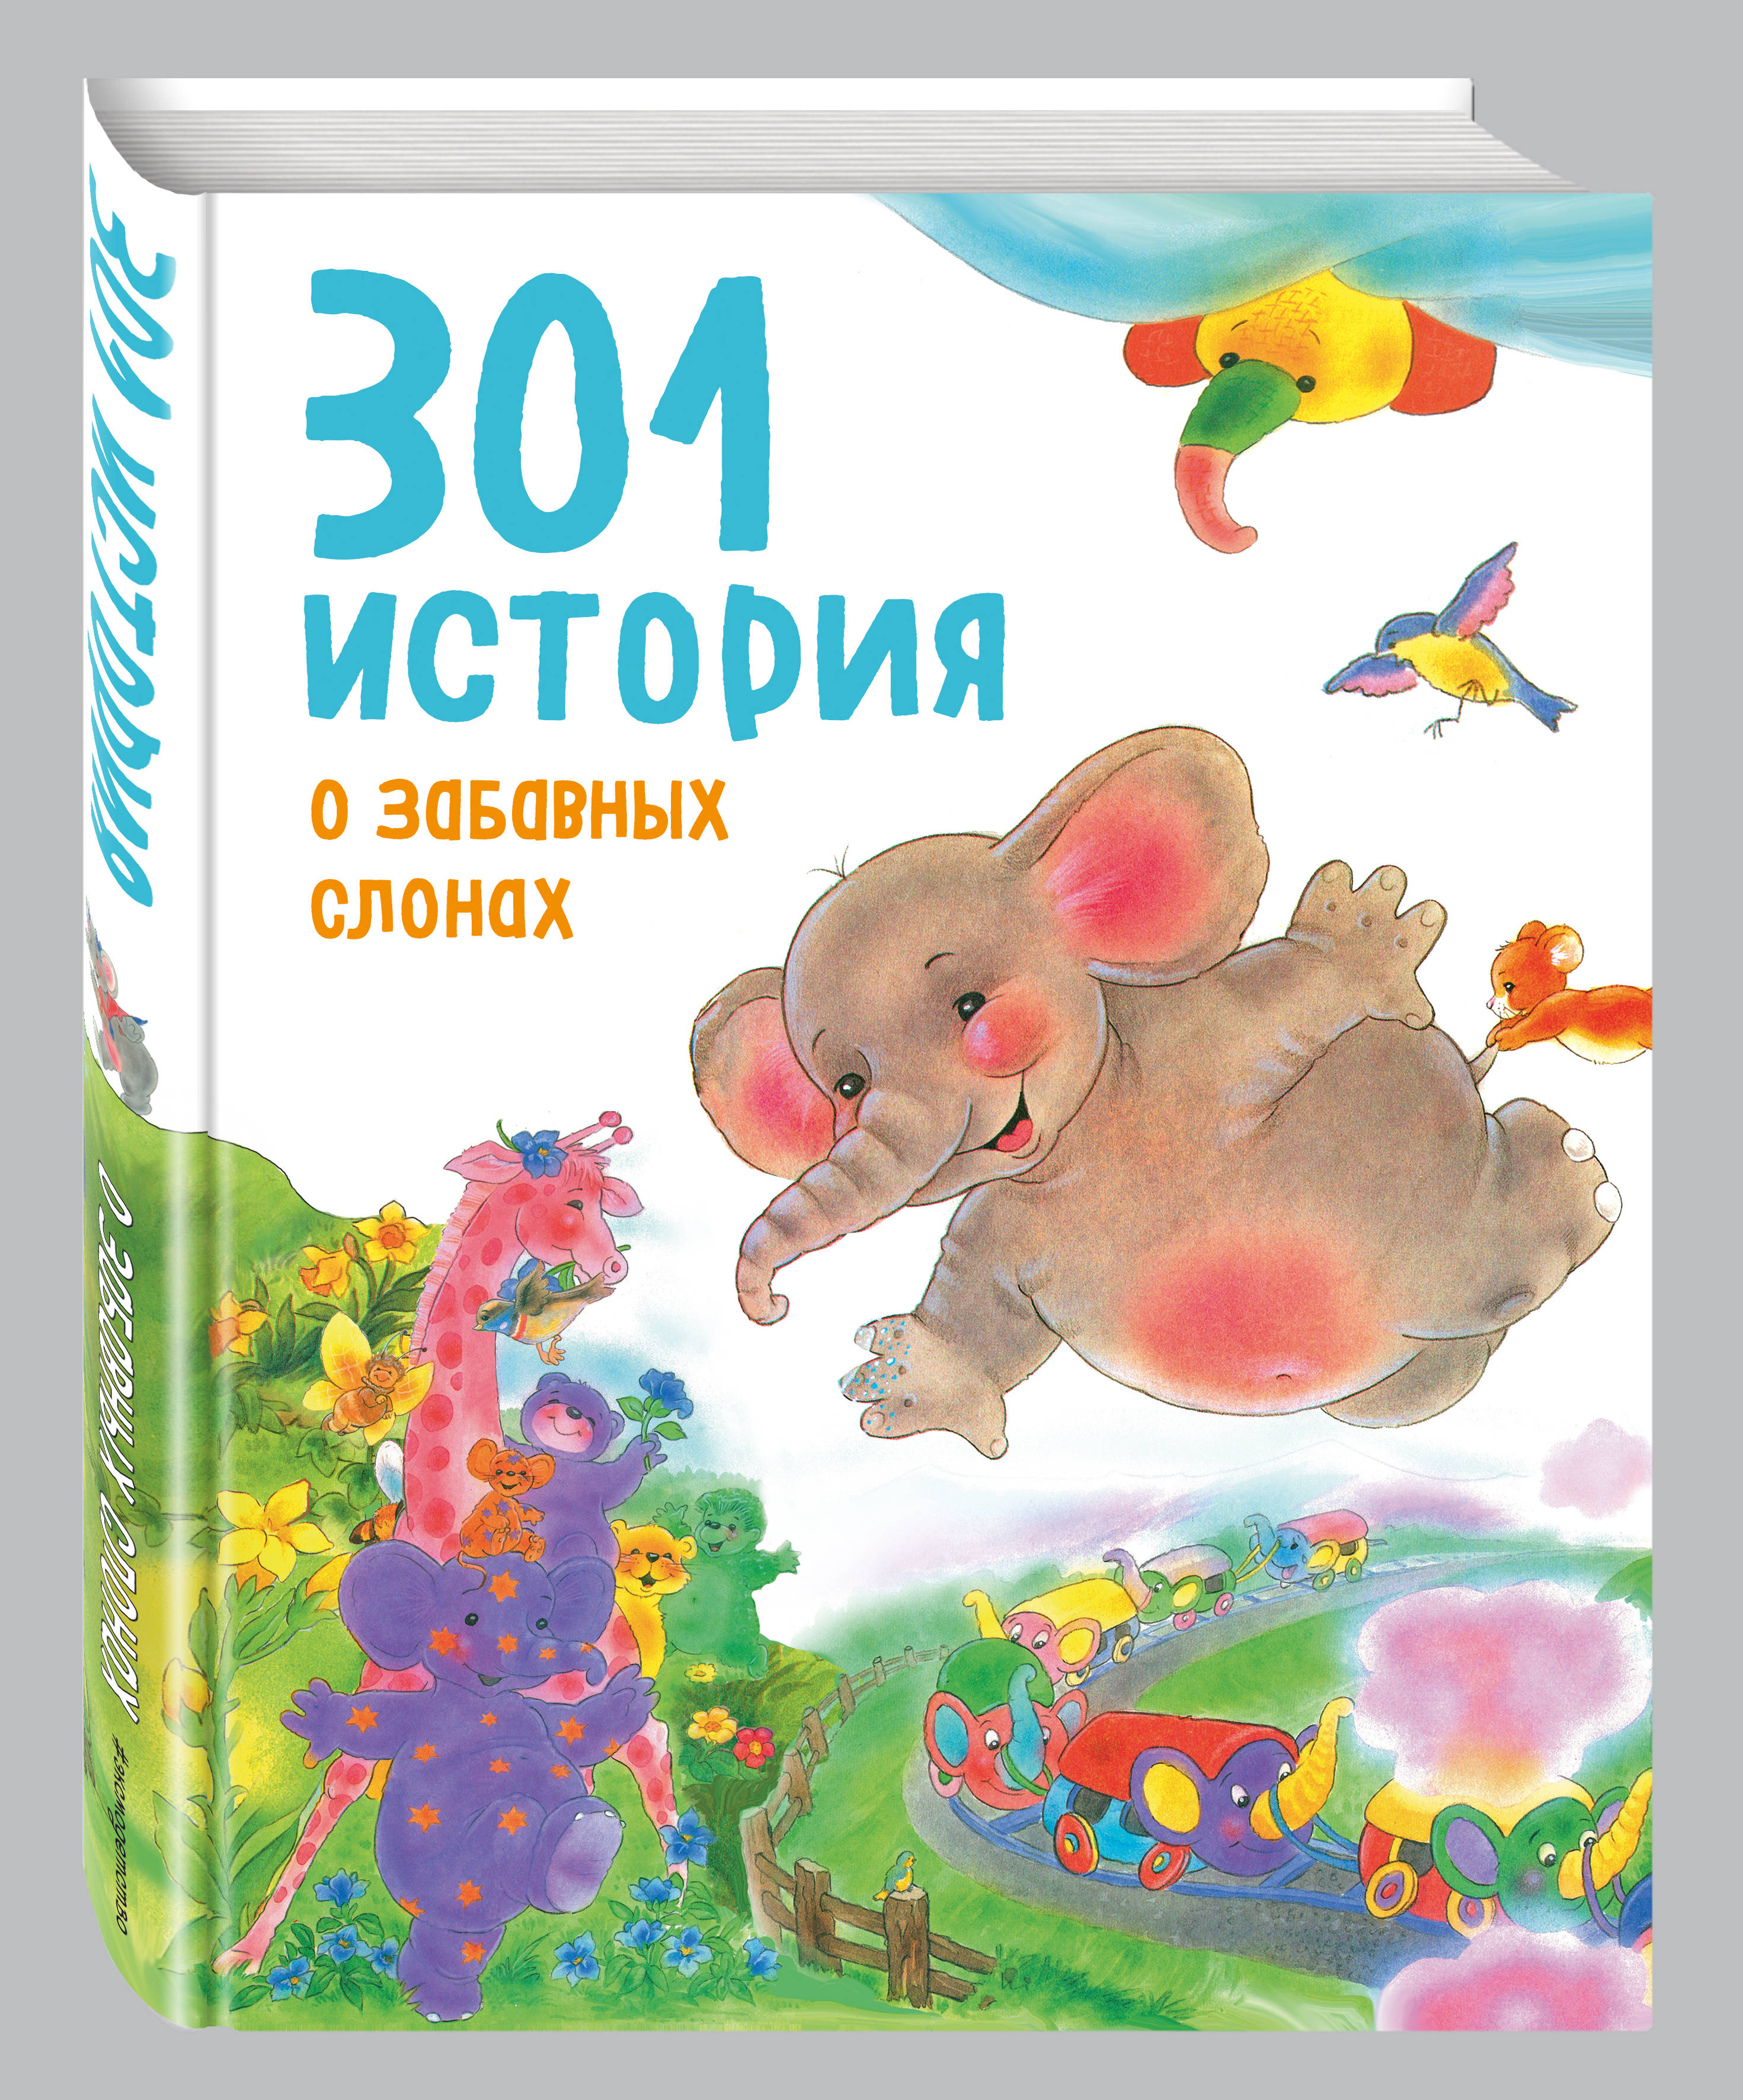 Фрёлих Ф. 301 история о забавных слонах f gattien f gattien 6236 301